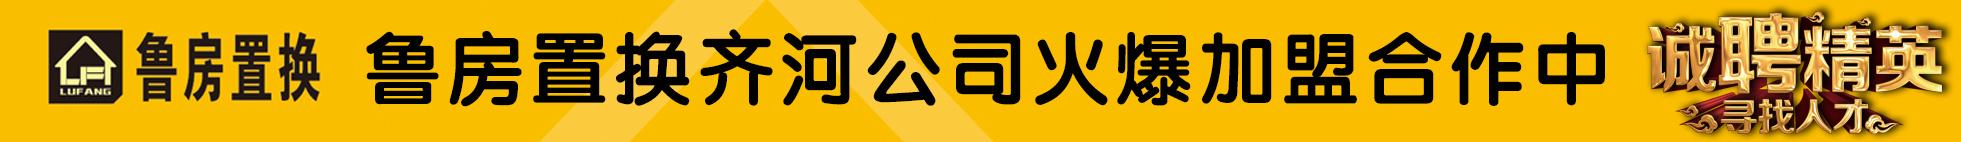 齐河县鲁房置换房产经纪有限公司